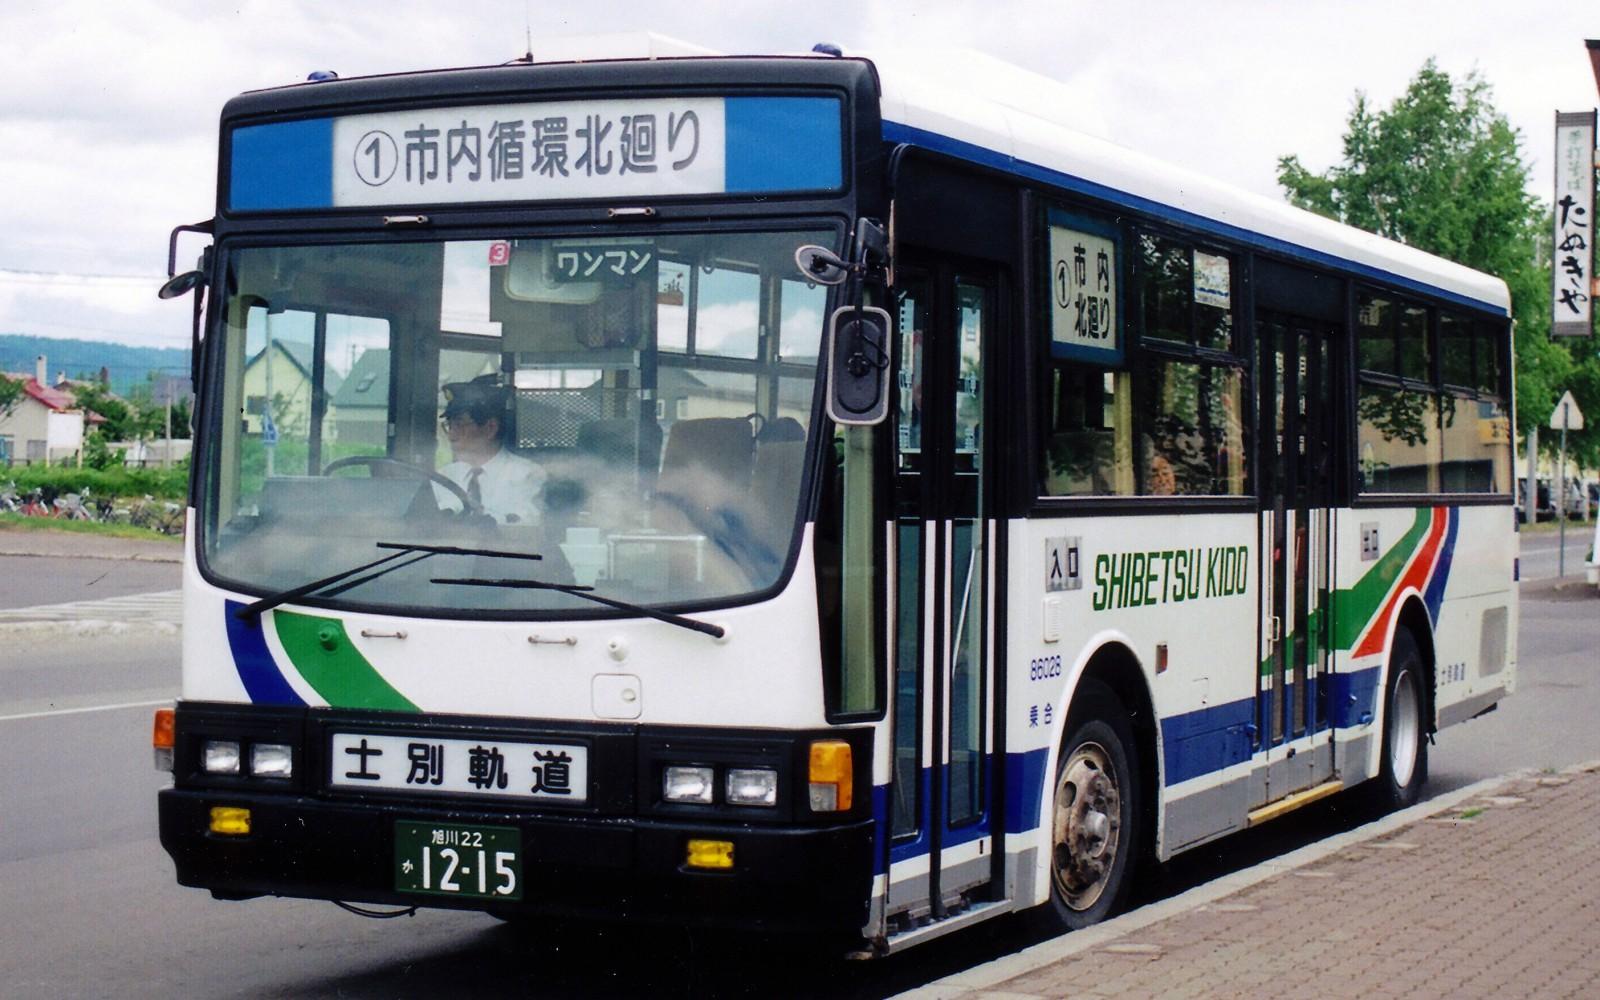 士別軌道/いすゞ/P-LV214K元都営バス目次